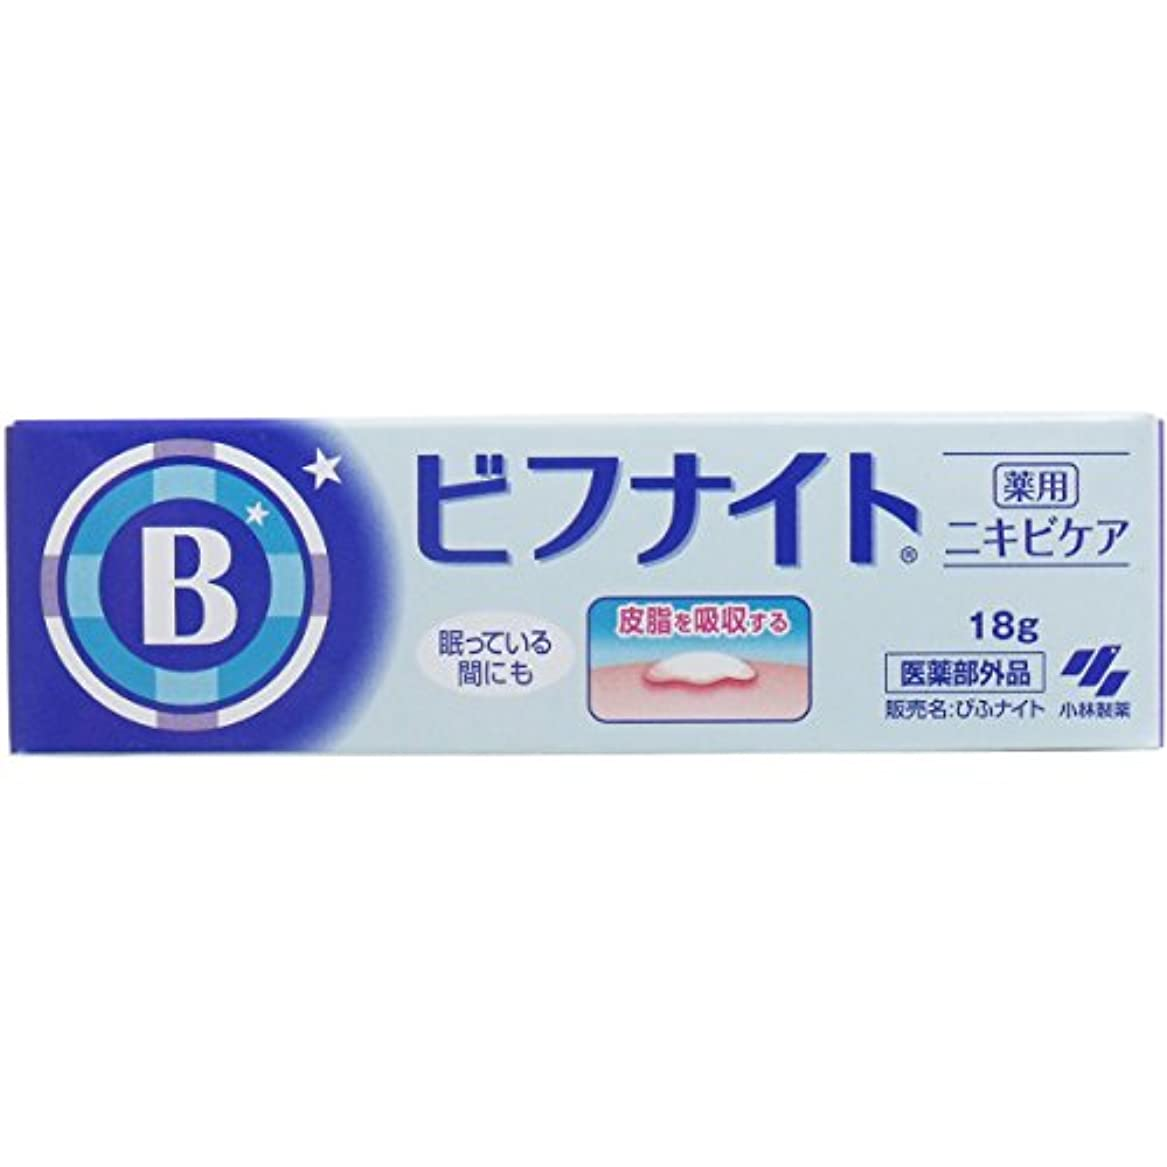 操作急速なヒューマニスティック小林製薬 ビフナイト 18g (医薬部外品)